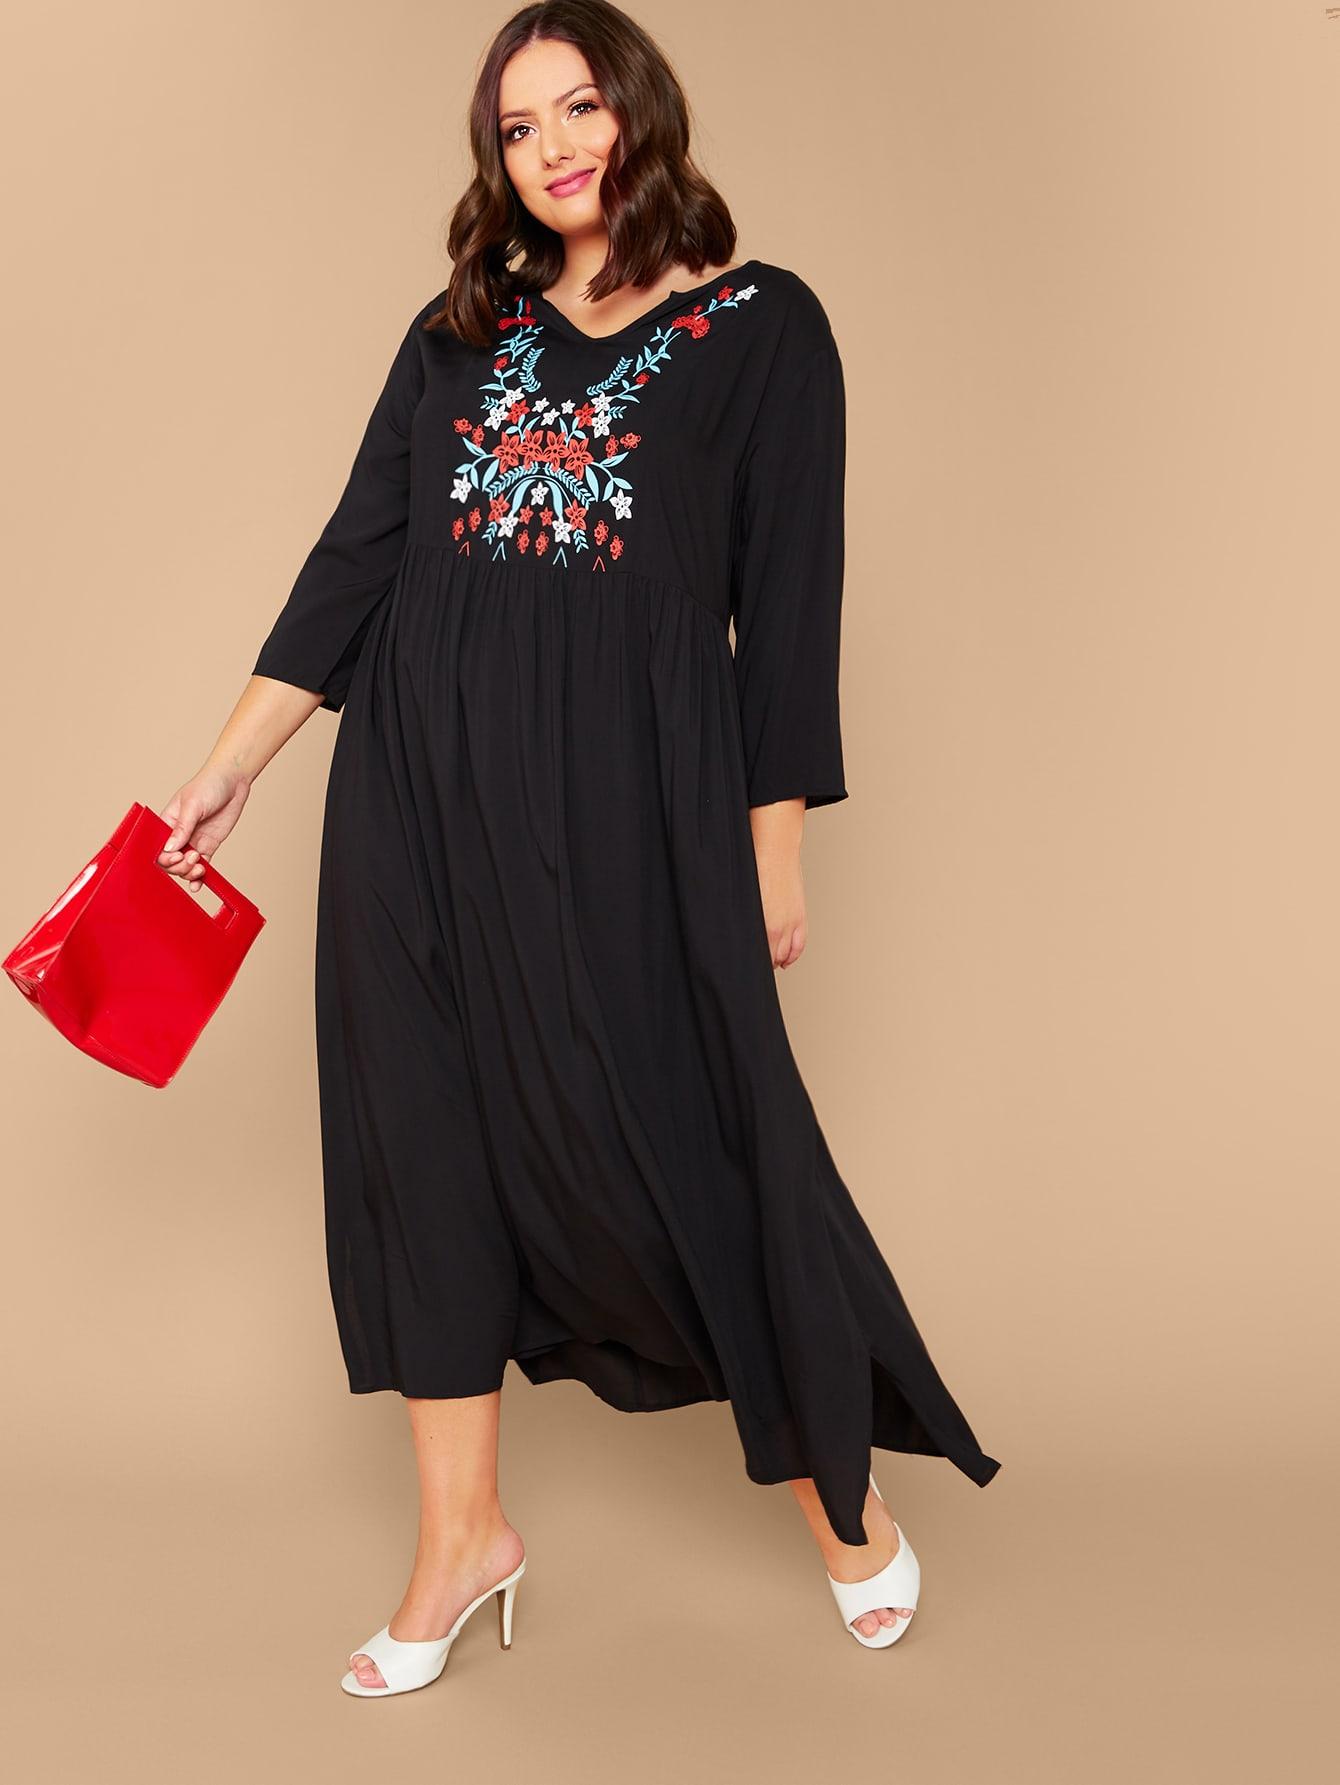 Расклешенное плиссированное платье размера плюс с цветочным принтом